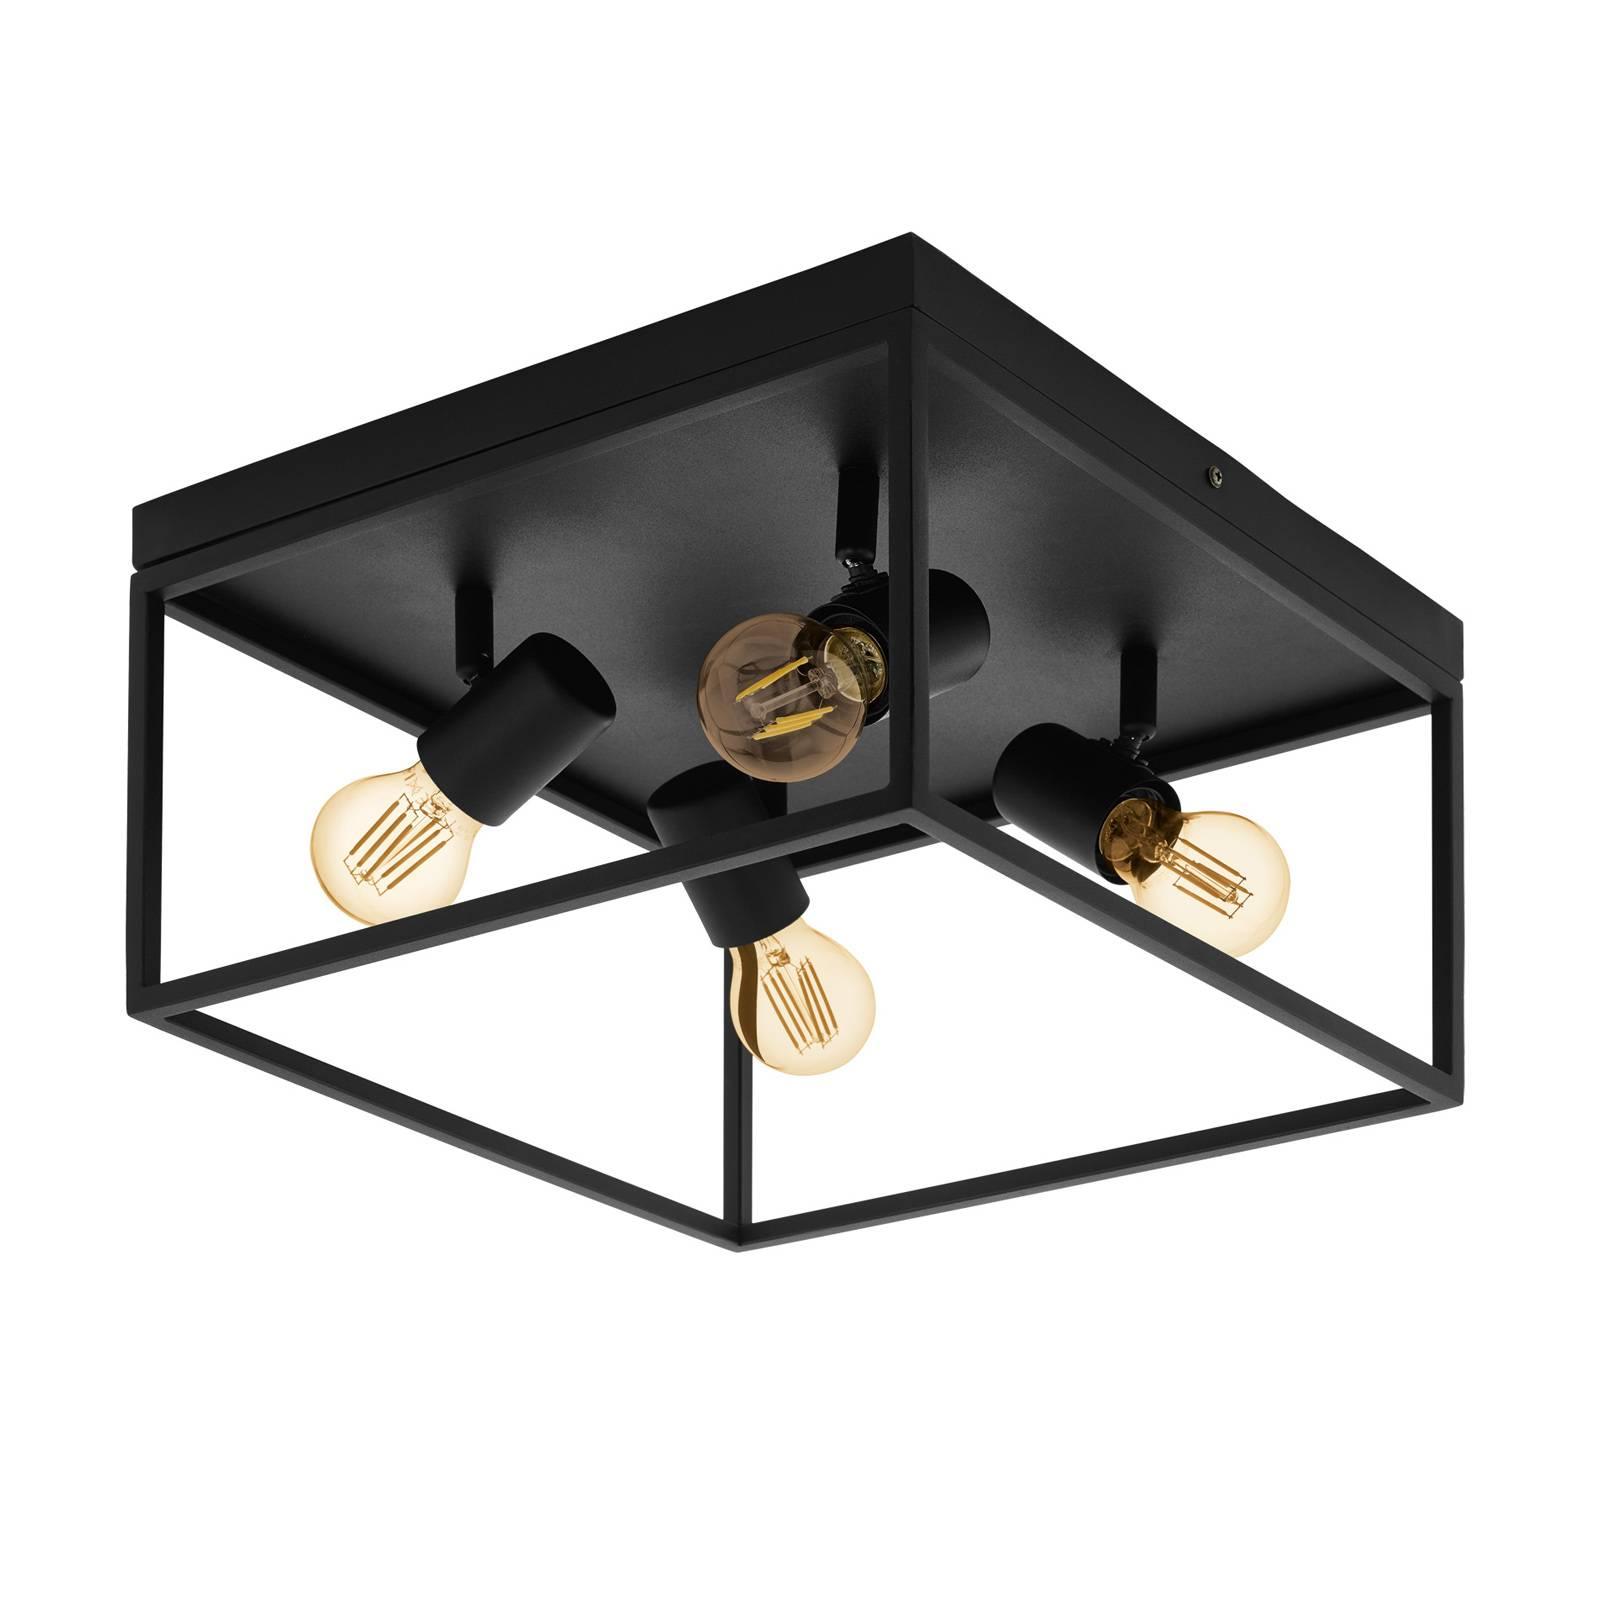 Kattovalaisin Silentina, 4-lamppuinen, 36 x 36 cm